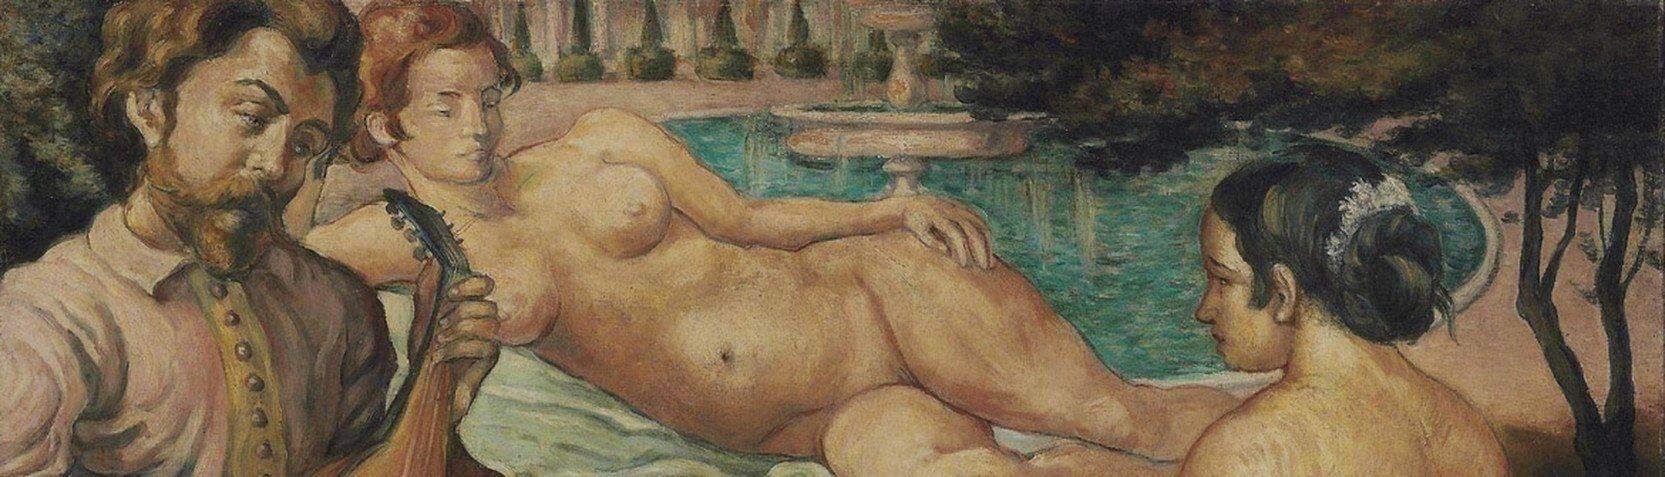 Artisti - Emile Bernard